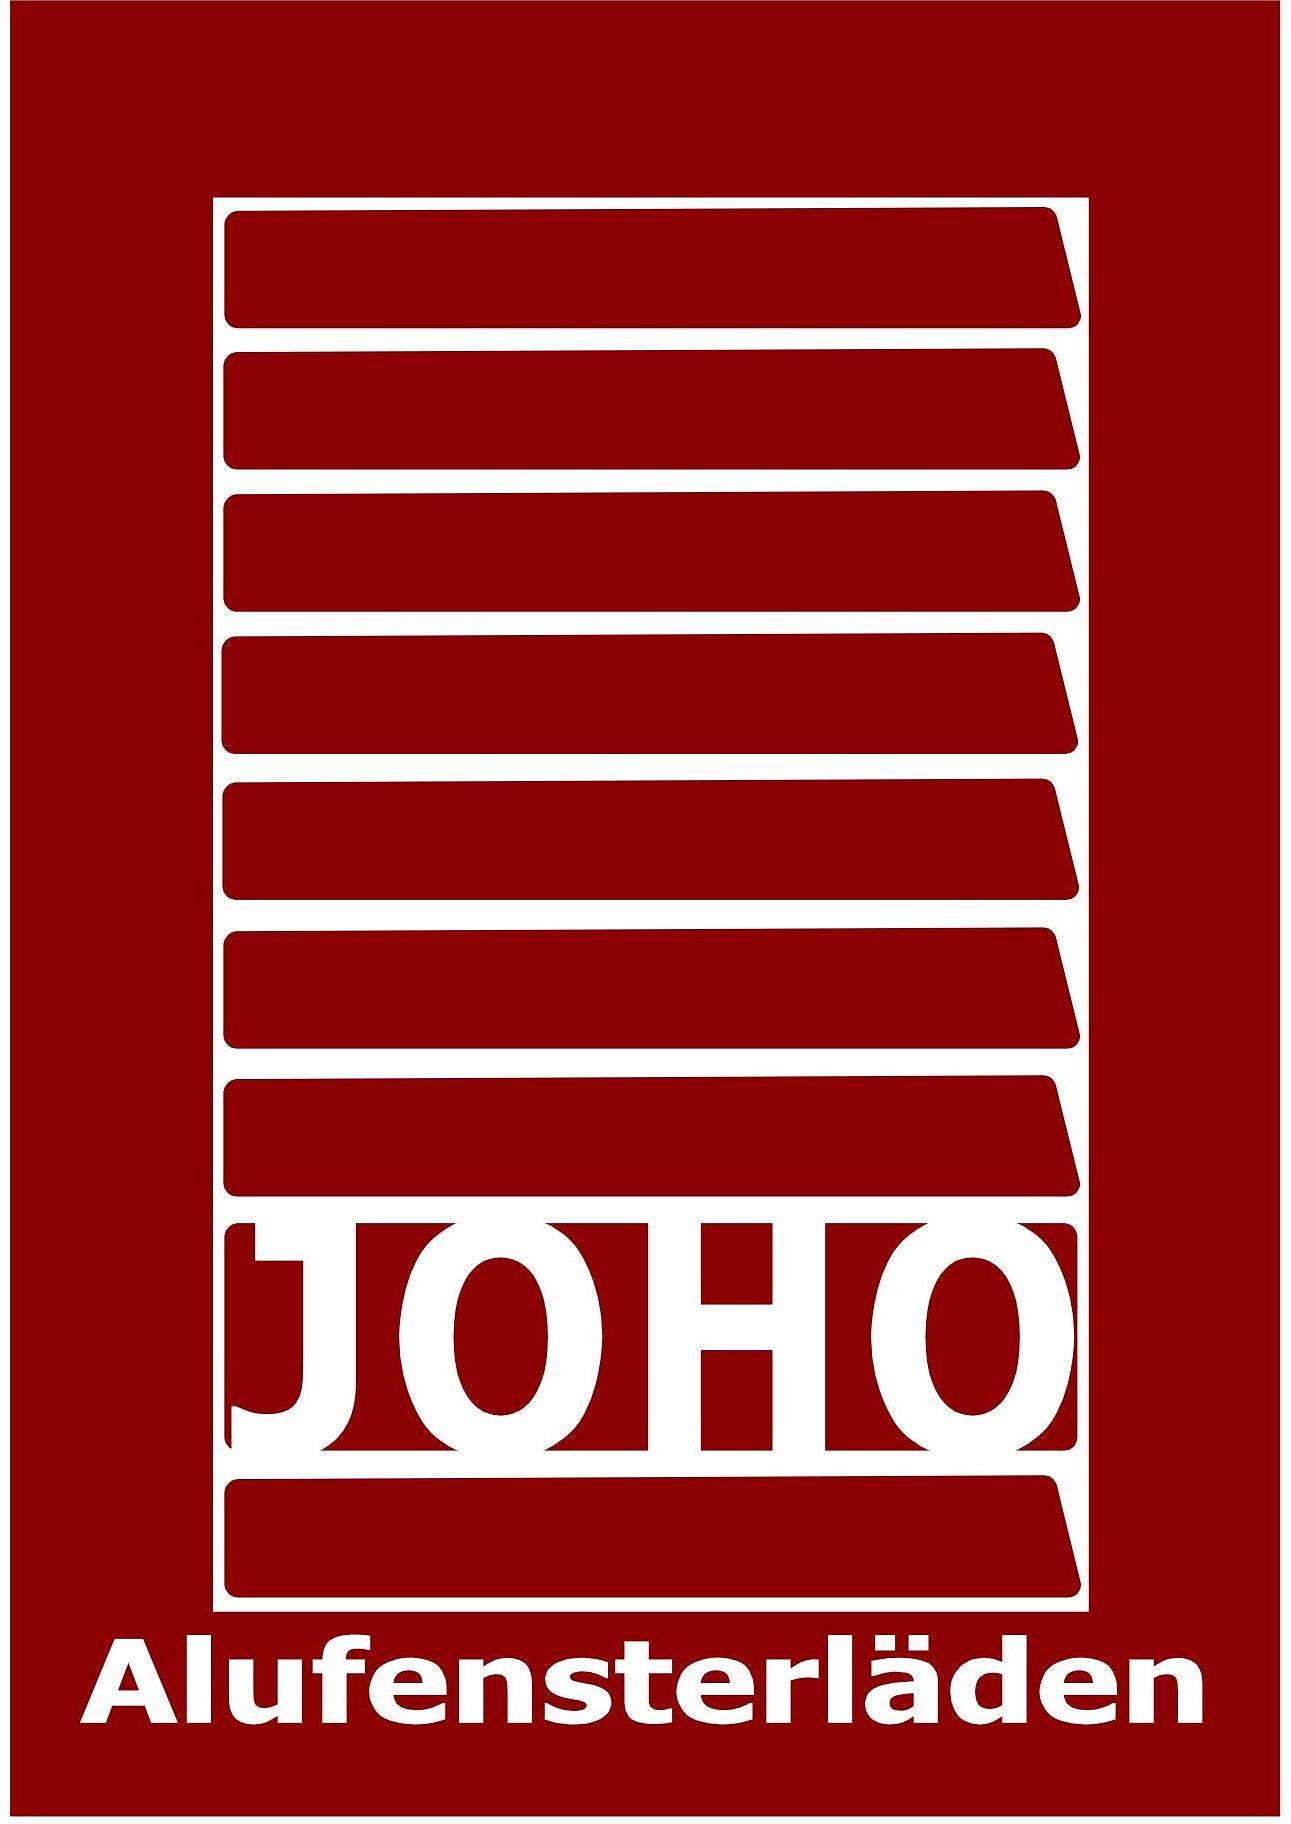 JoHo Alufensterläden